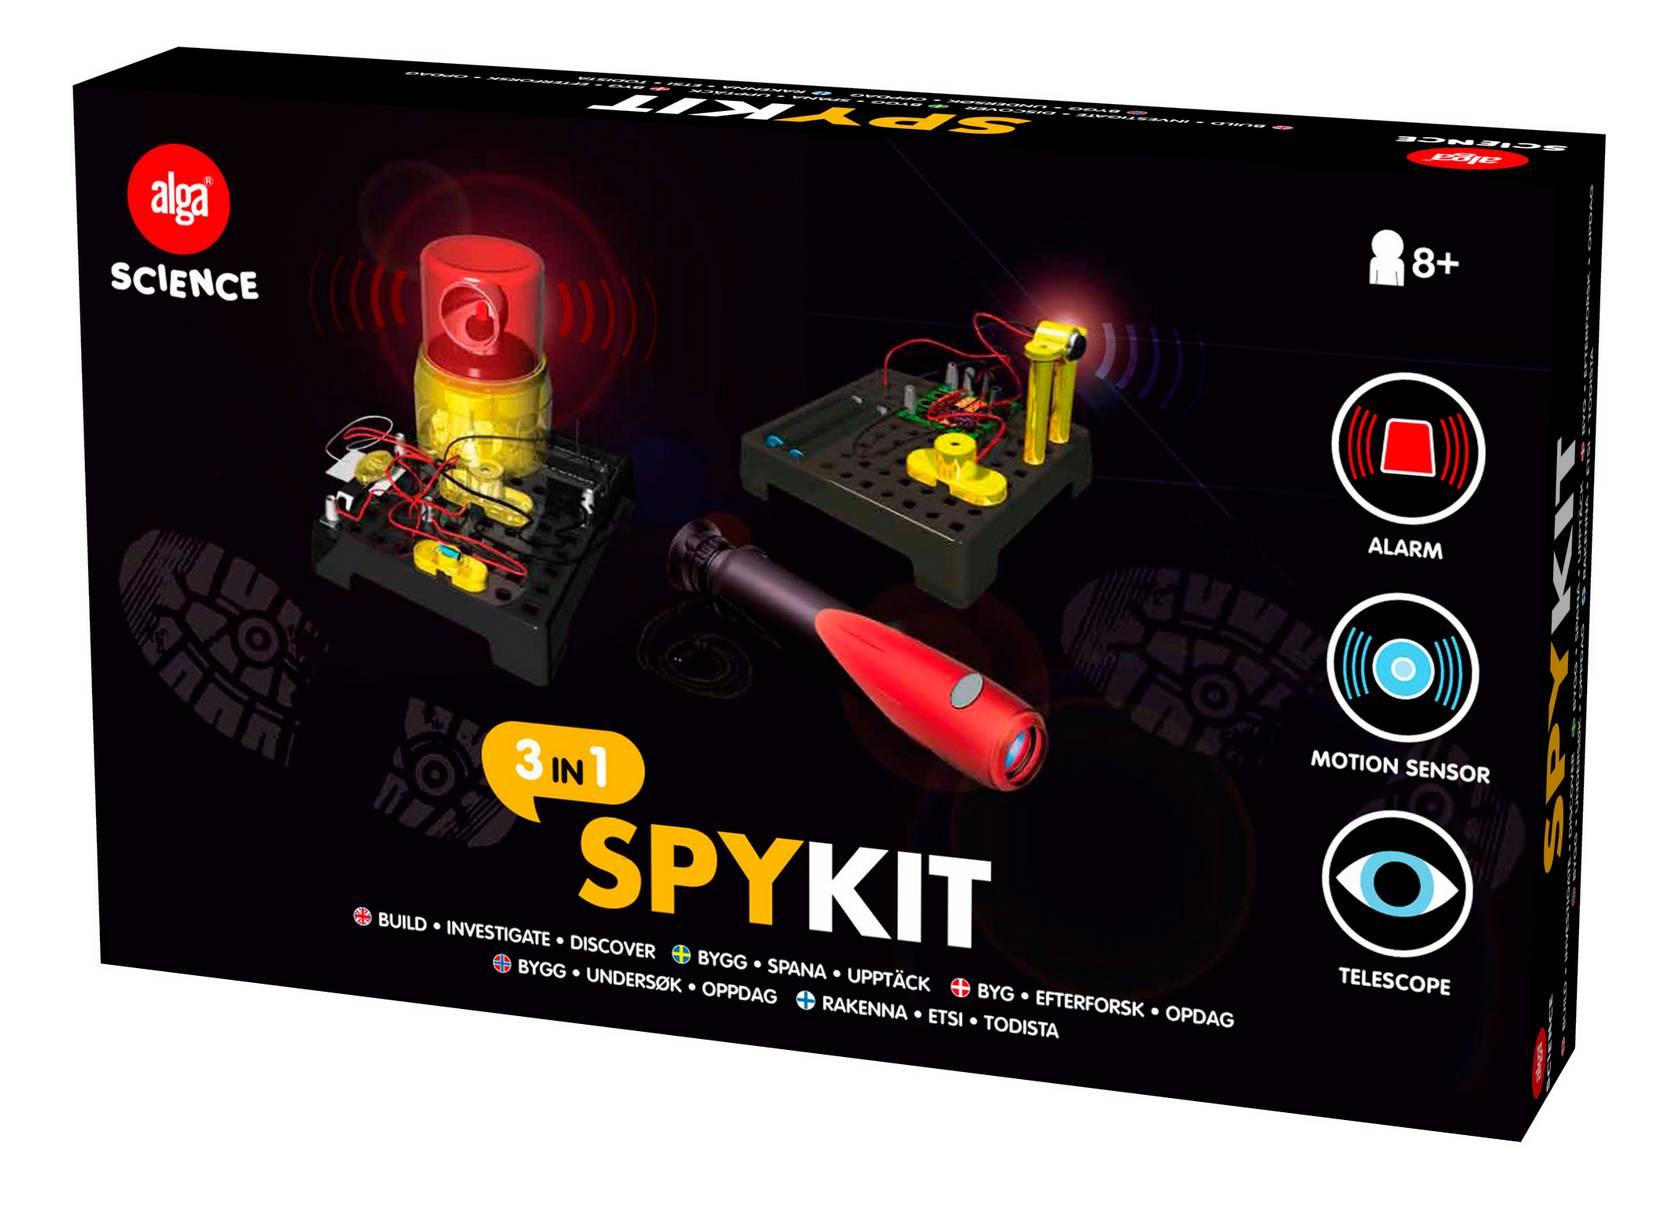 Spy kit 3 in 1